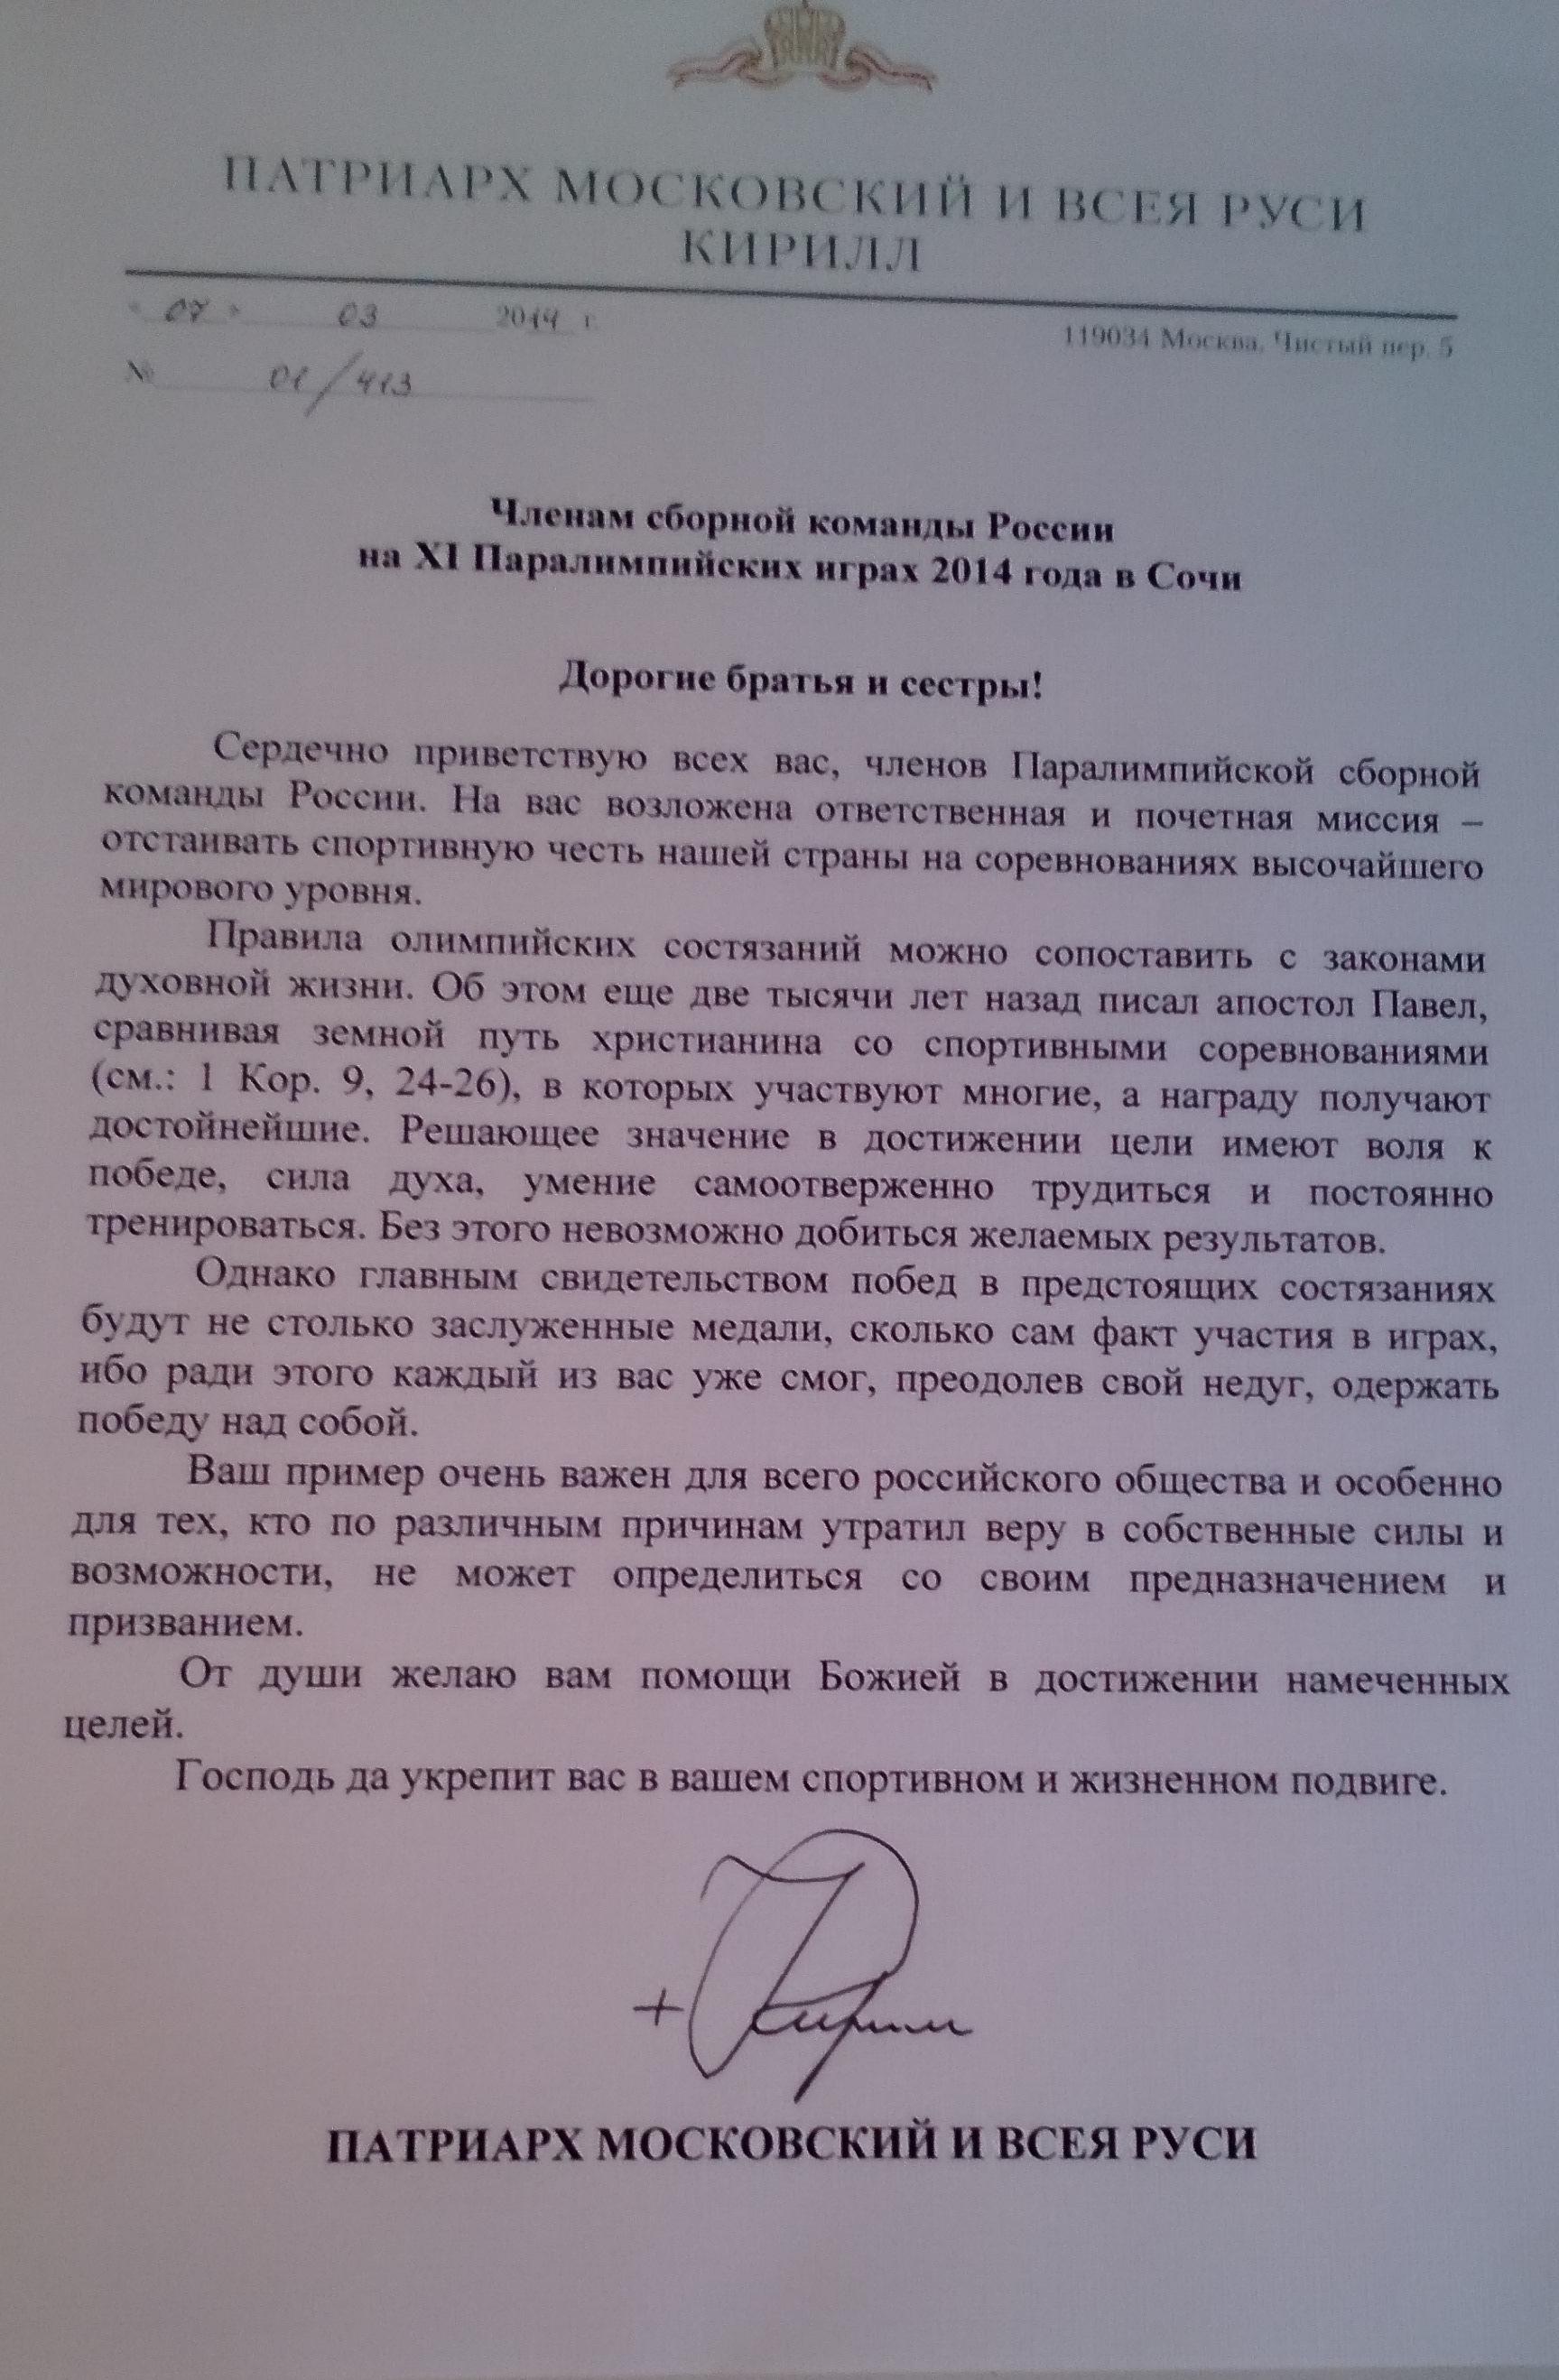 Патриарх Московской и Всея Руси Кирилл направил свое напутствие членам сборной команды России на XI Паралимпийских зимних играх 2014 года в г. Сочи